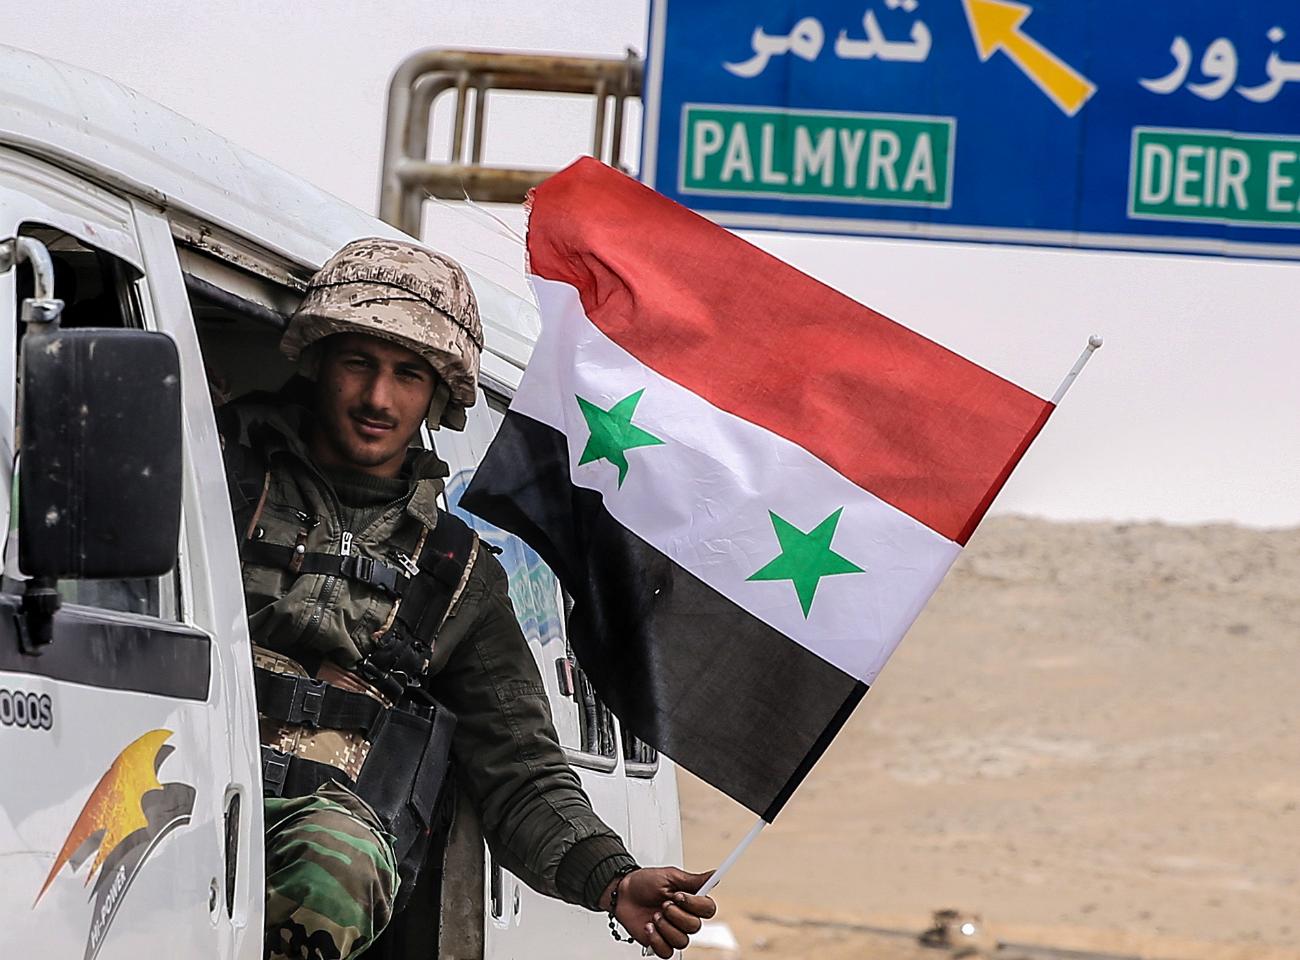 Un soldato delle forze governative siriane alle porte di Palmira, 24 marzo 2016.